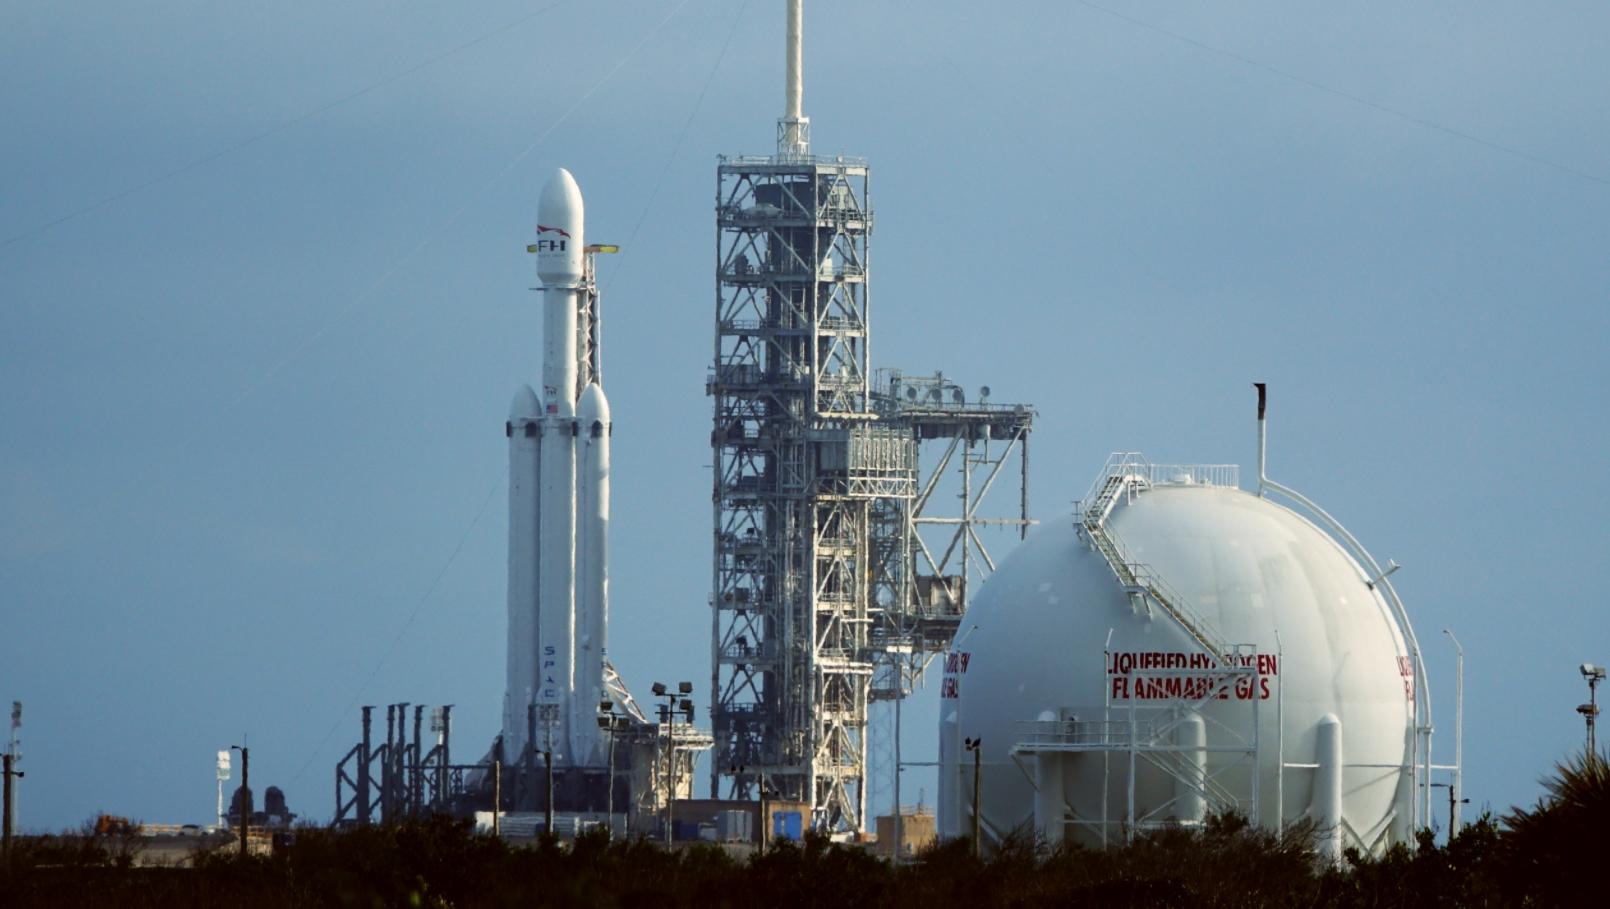 Falcon Heavy Preparing For Static Fire Test